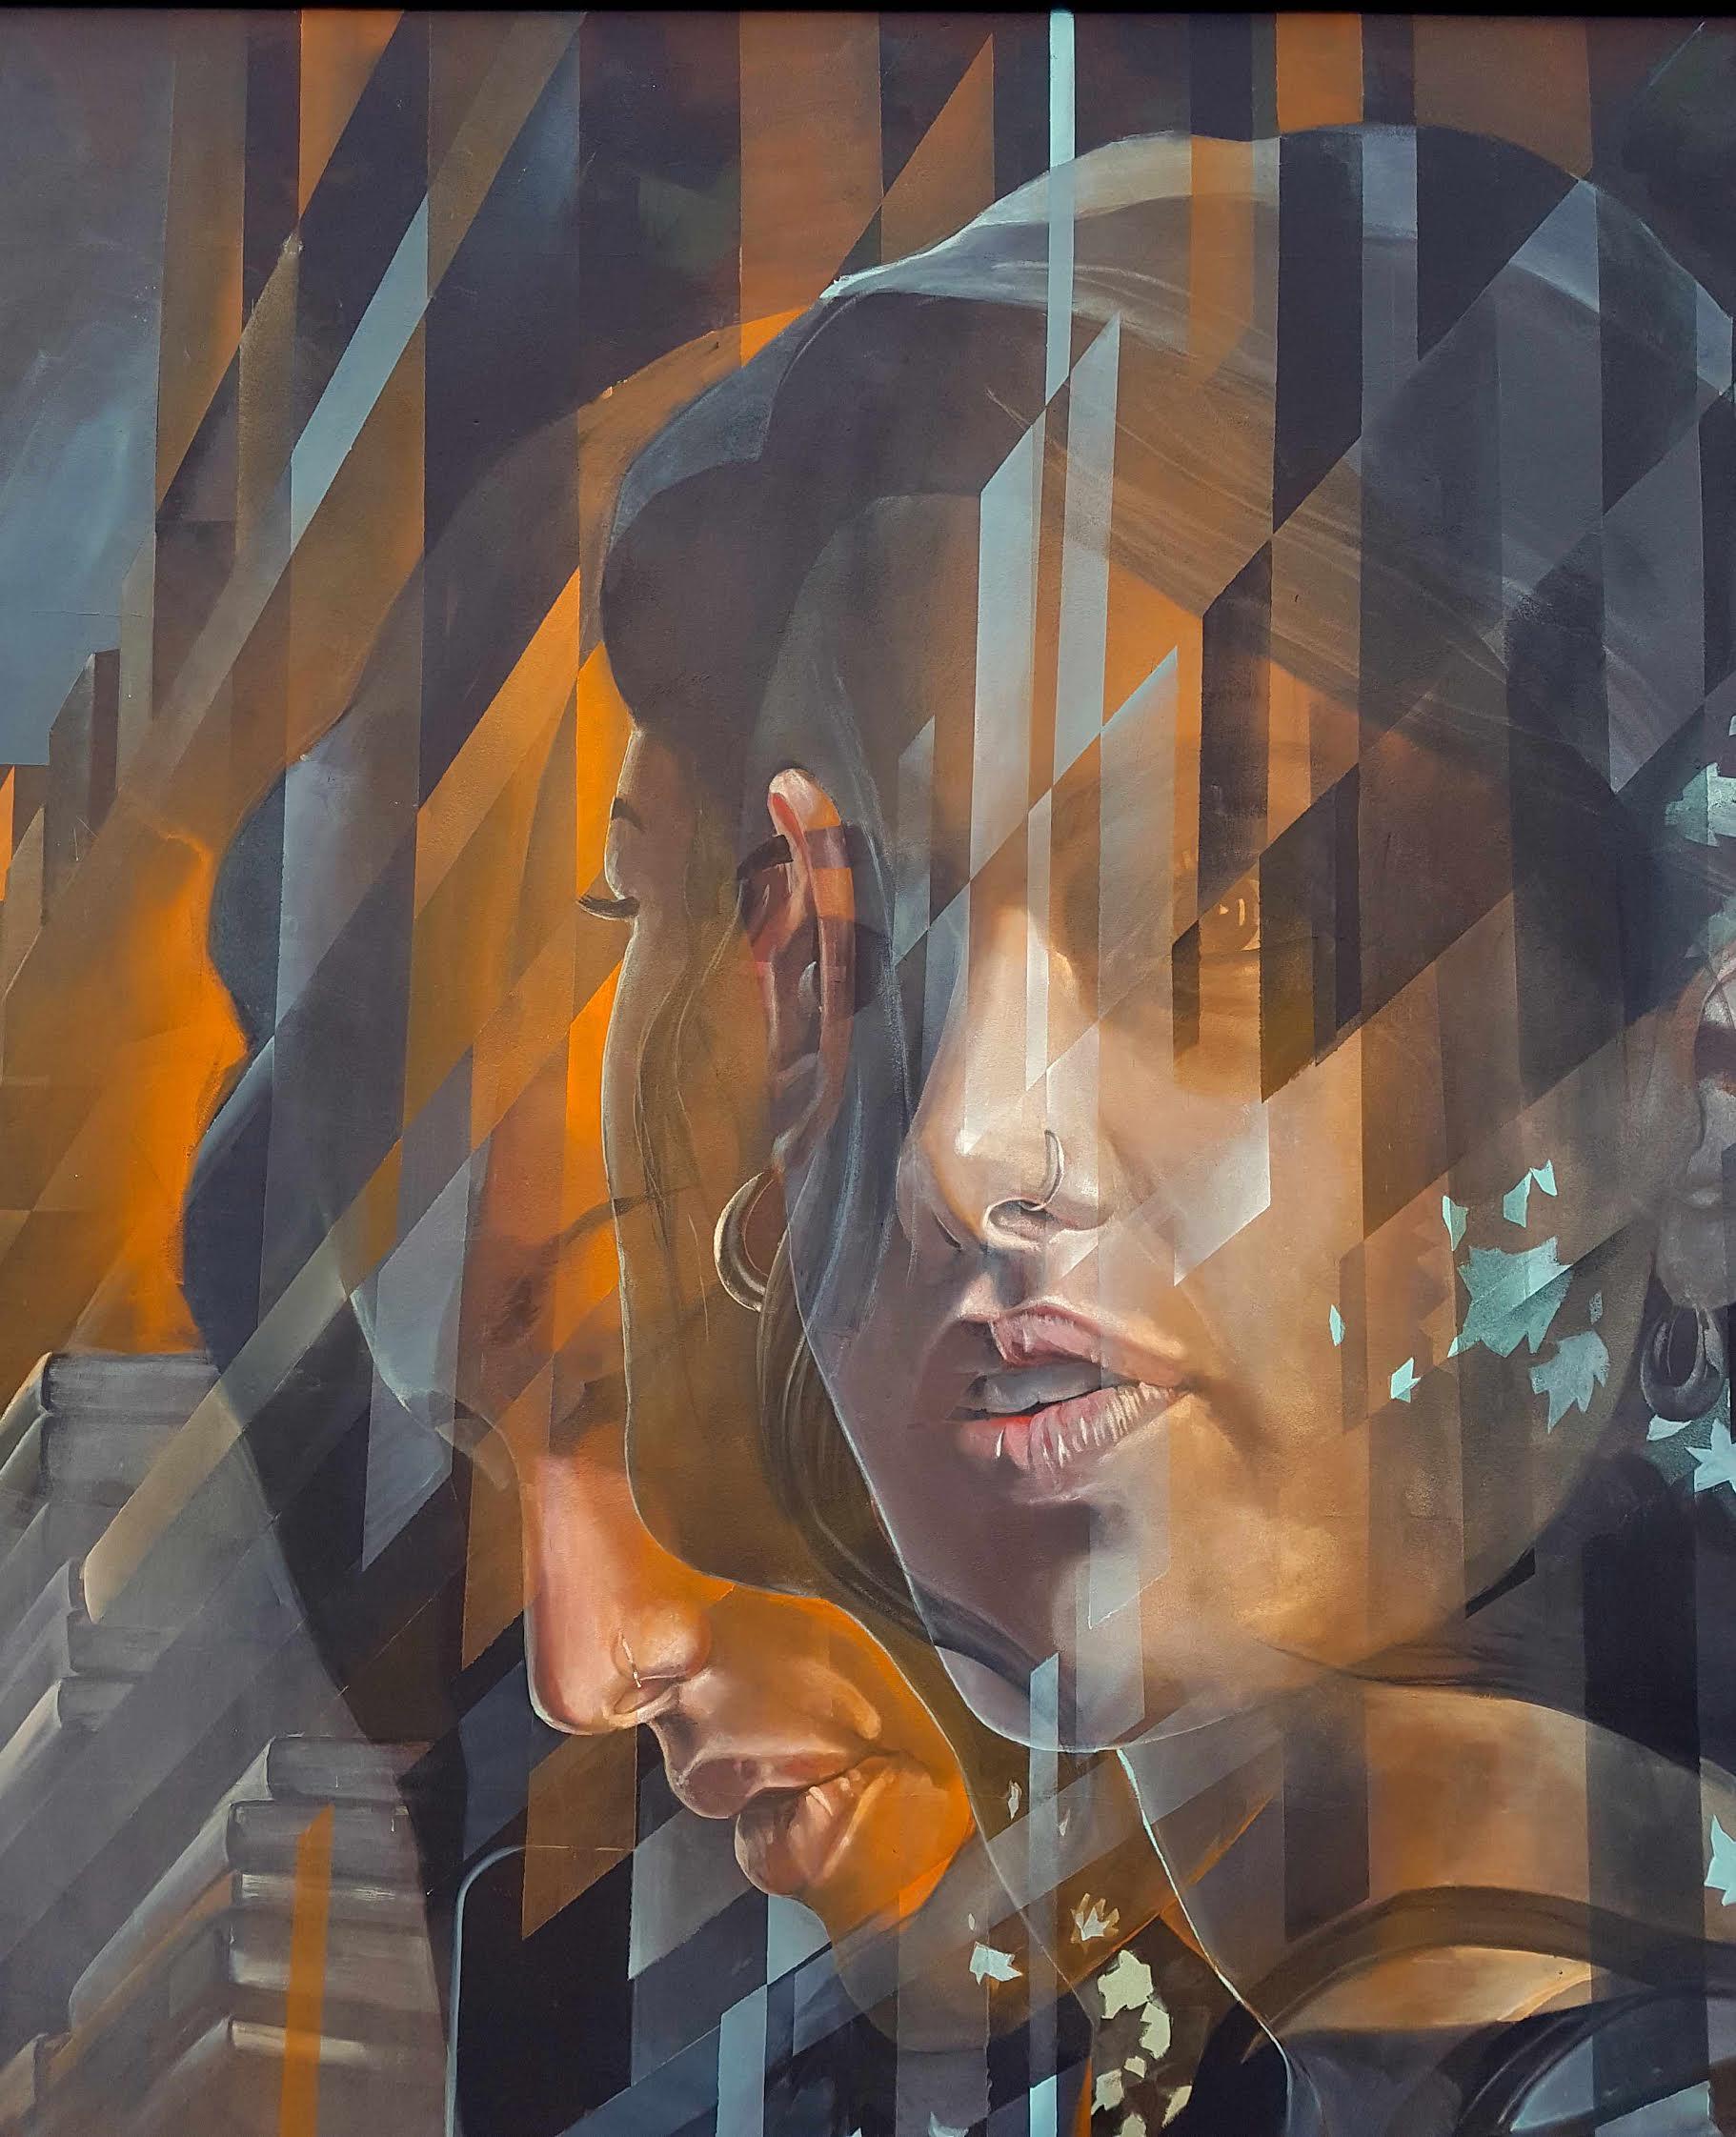 APC – New mural by VESOD in Turin, Italy Artes & contextos vesod5